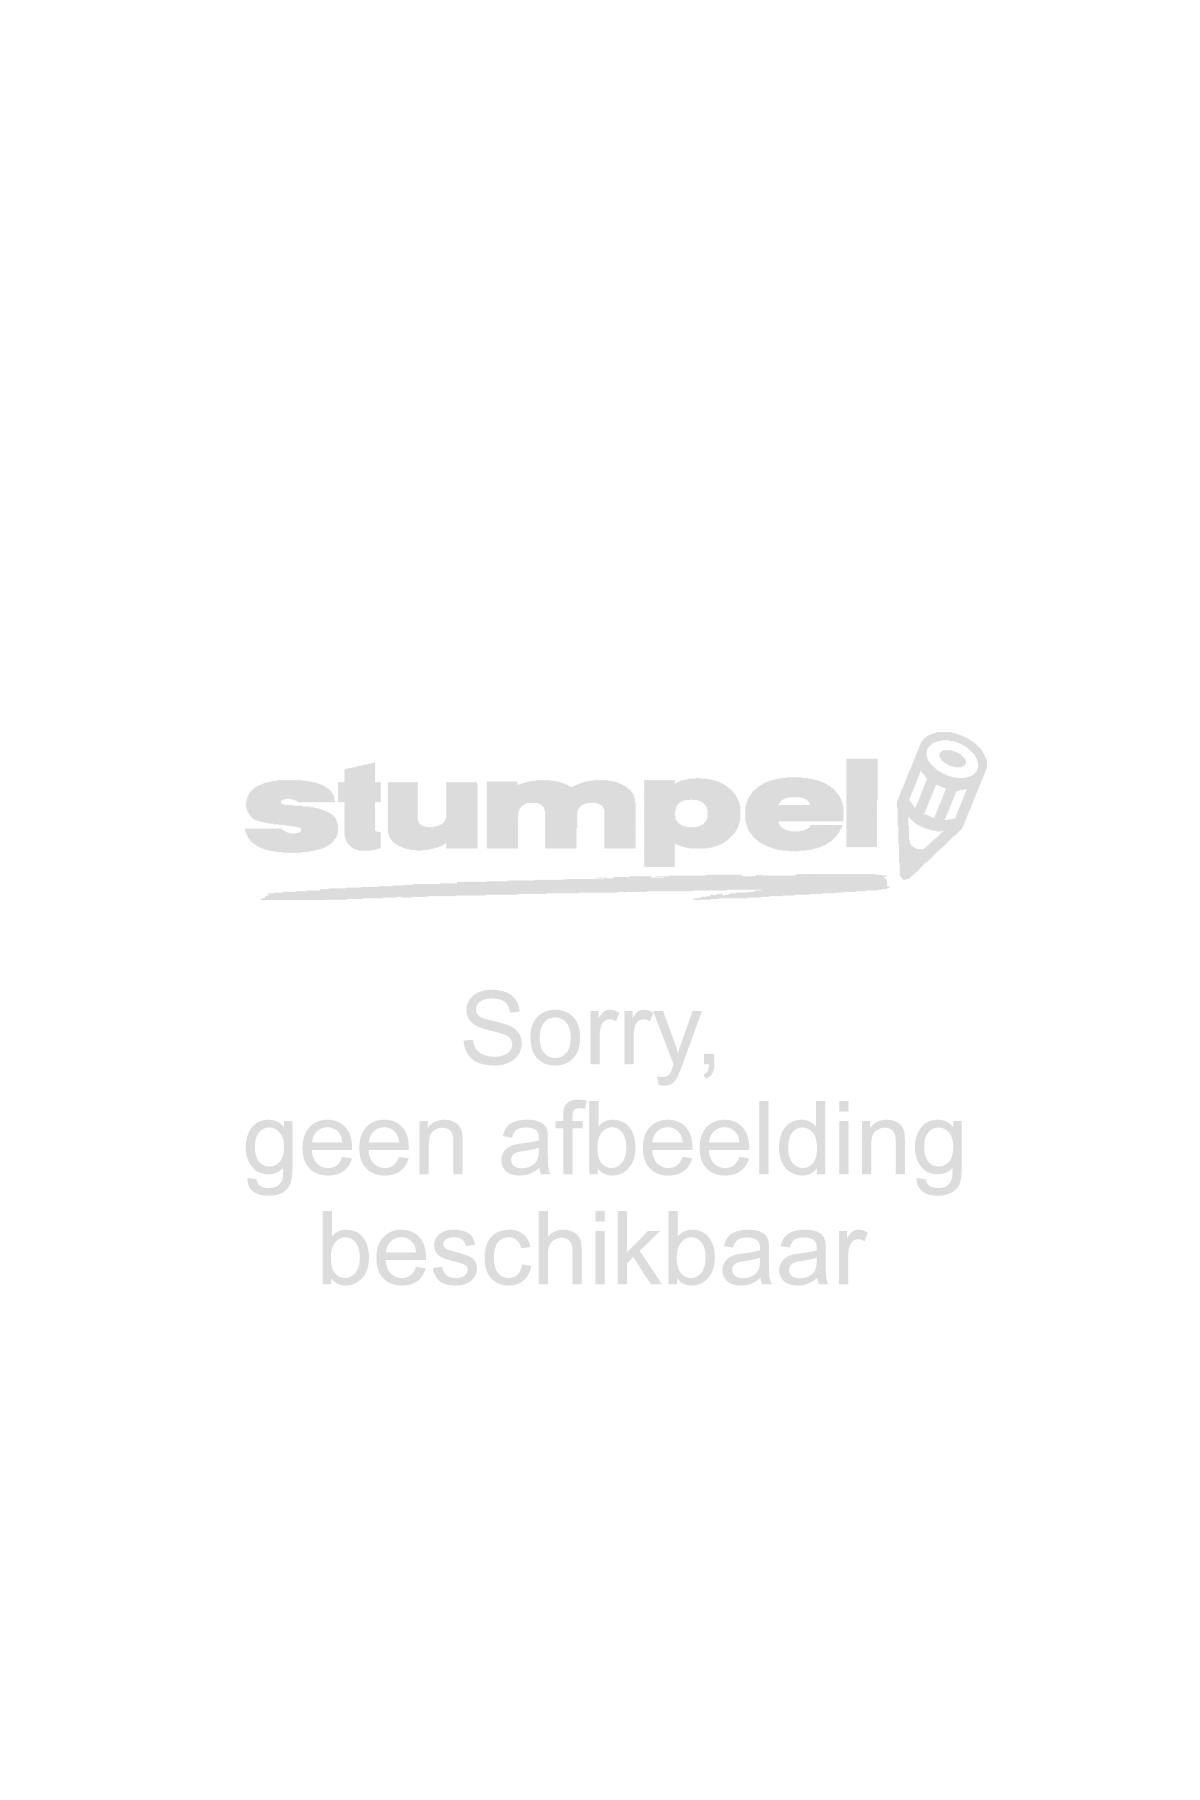 wk-bekking-wallet-fiep-westendorp-10631417